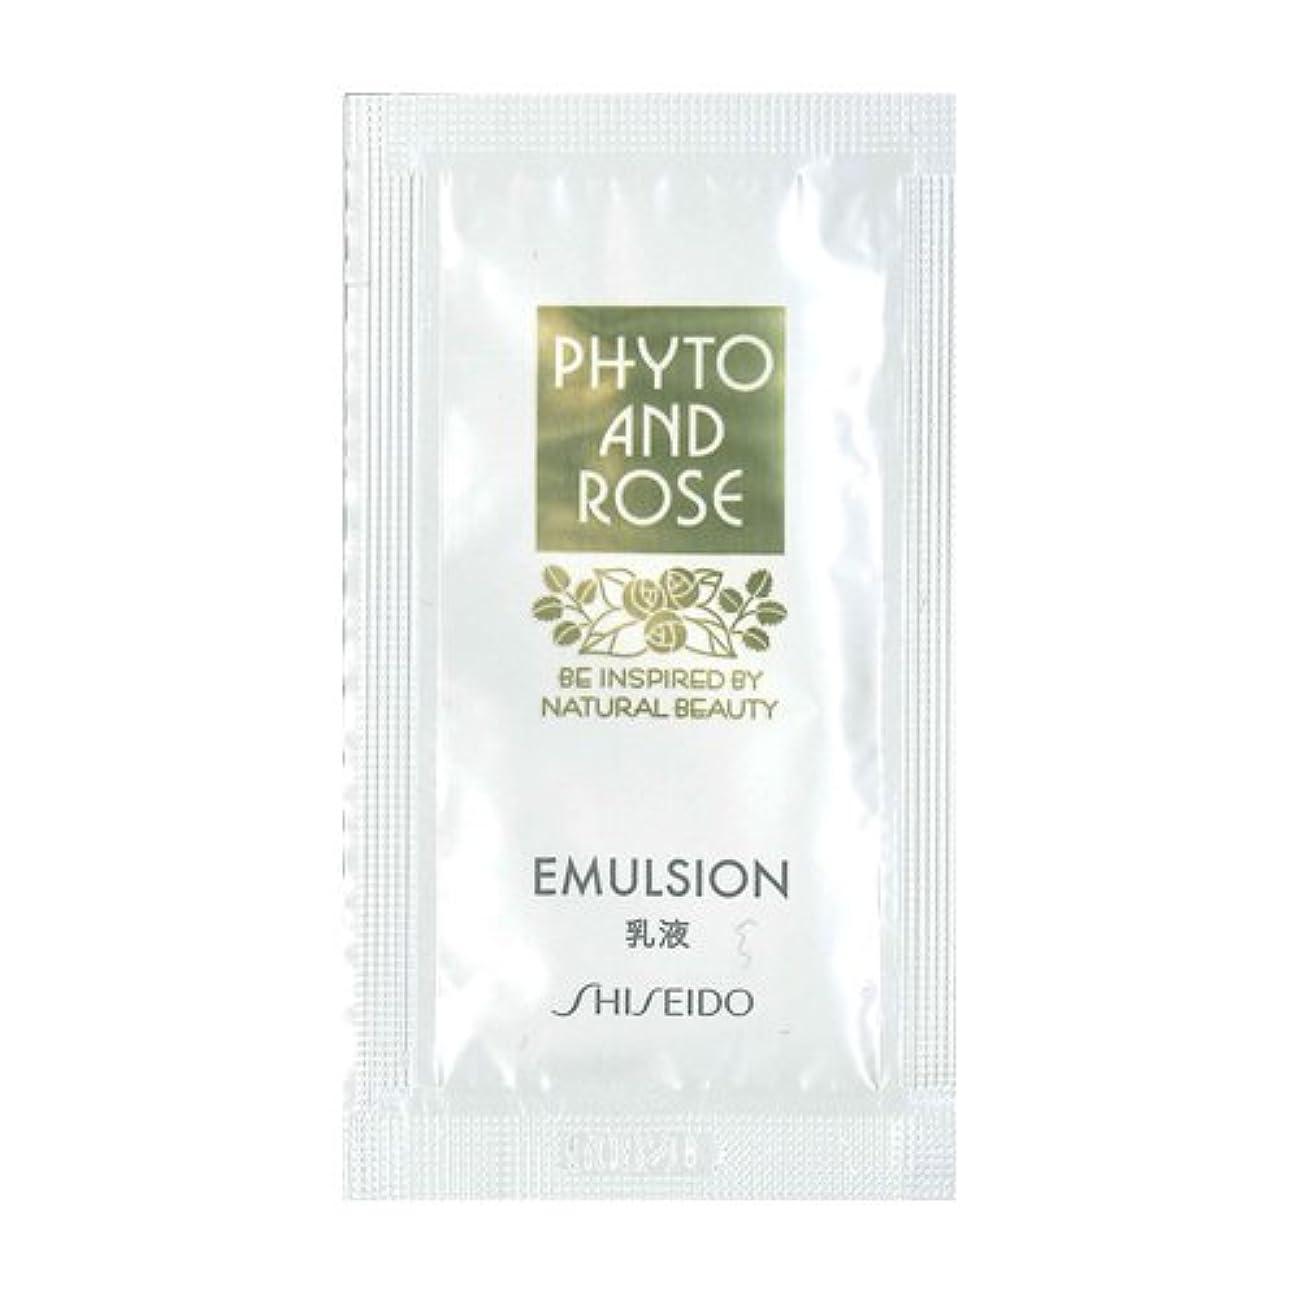 酸化する主に父方の資生堂 フィトアンドローズ パウチ エマルジョン(乳液) 3ml×500個入り + 圧縮スポンジセット